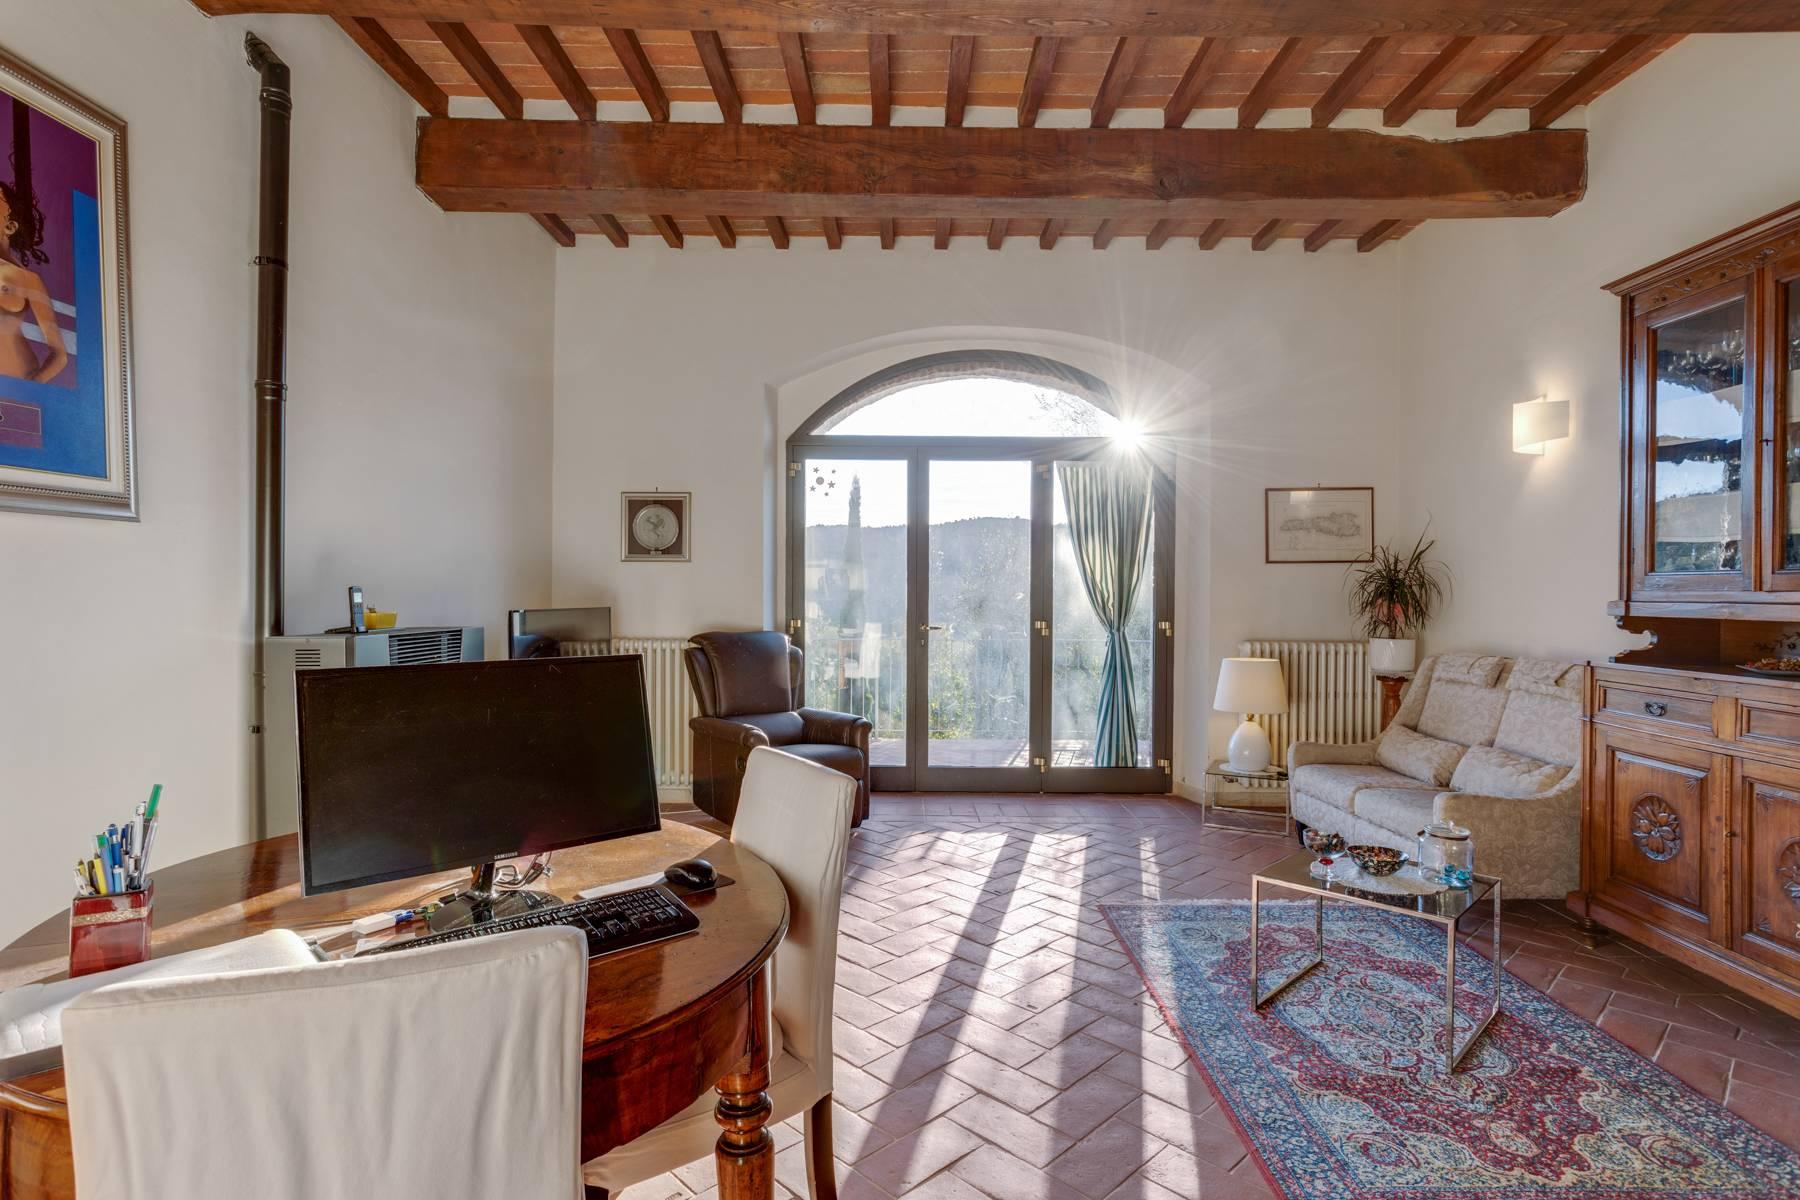 Rustico in Vendita a Montepulciano: 5 locali, 561 mq - Foto 10